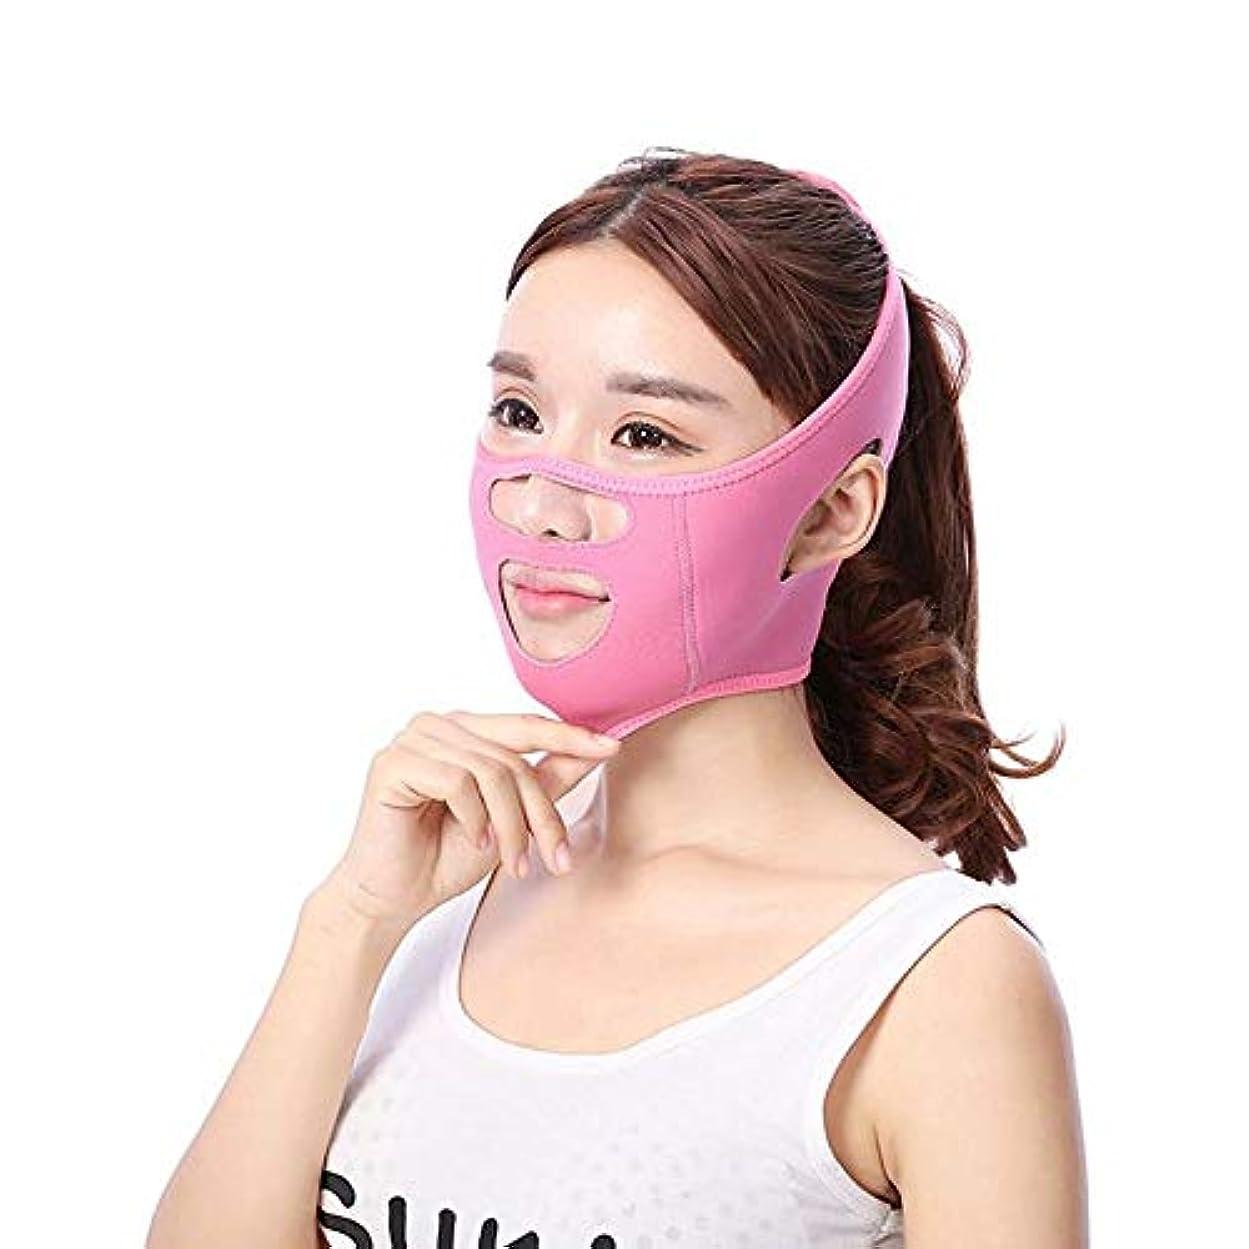 影響力のある消毒剤蒸留Jia Jia- シンフェイスアーティファクトリフティング引き締めフェイス睡眠包帯フェイシャルリフティングアンチ垂れ下がり法律パターンステッカー8ワード口角 - ピンク 顔面包帯